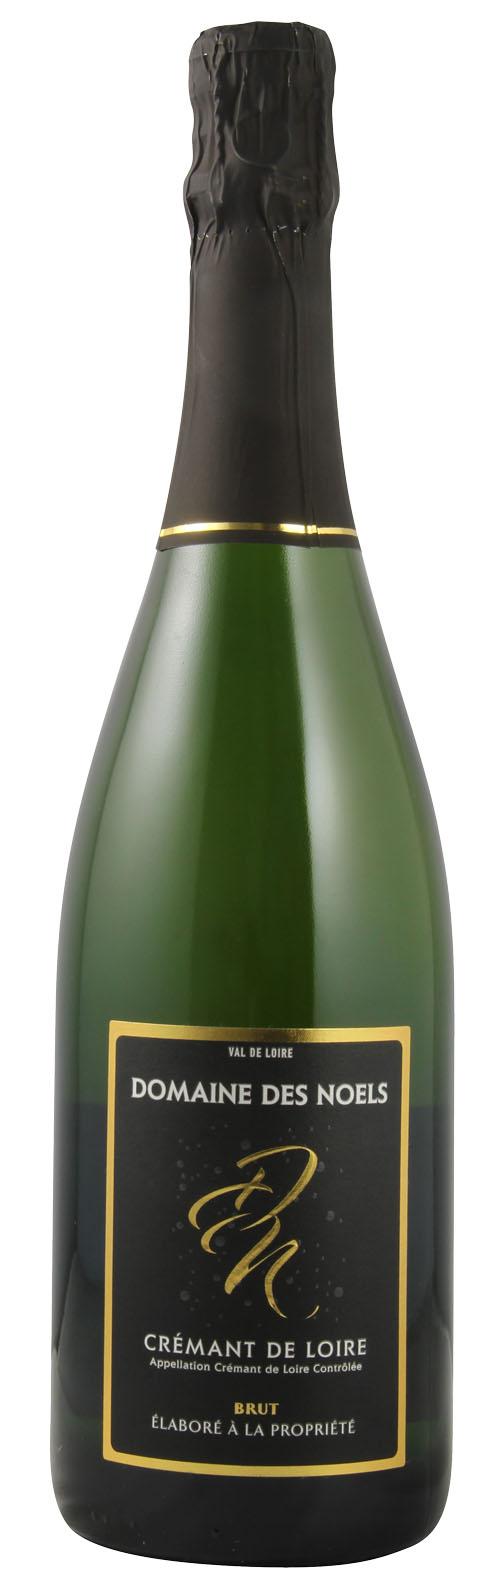 Vin Crémant blanc demi-sec